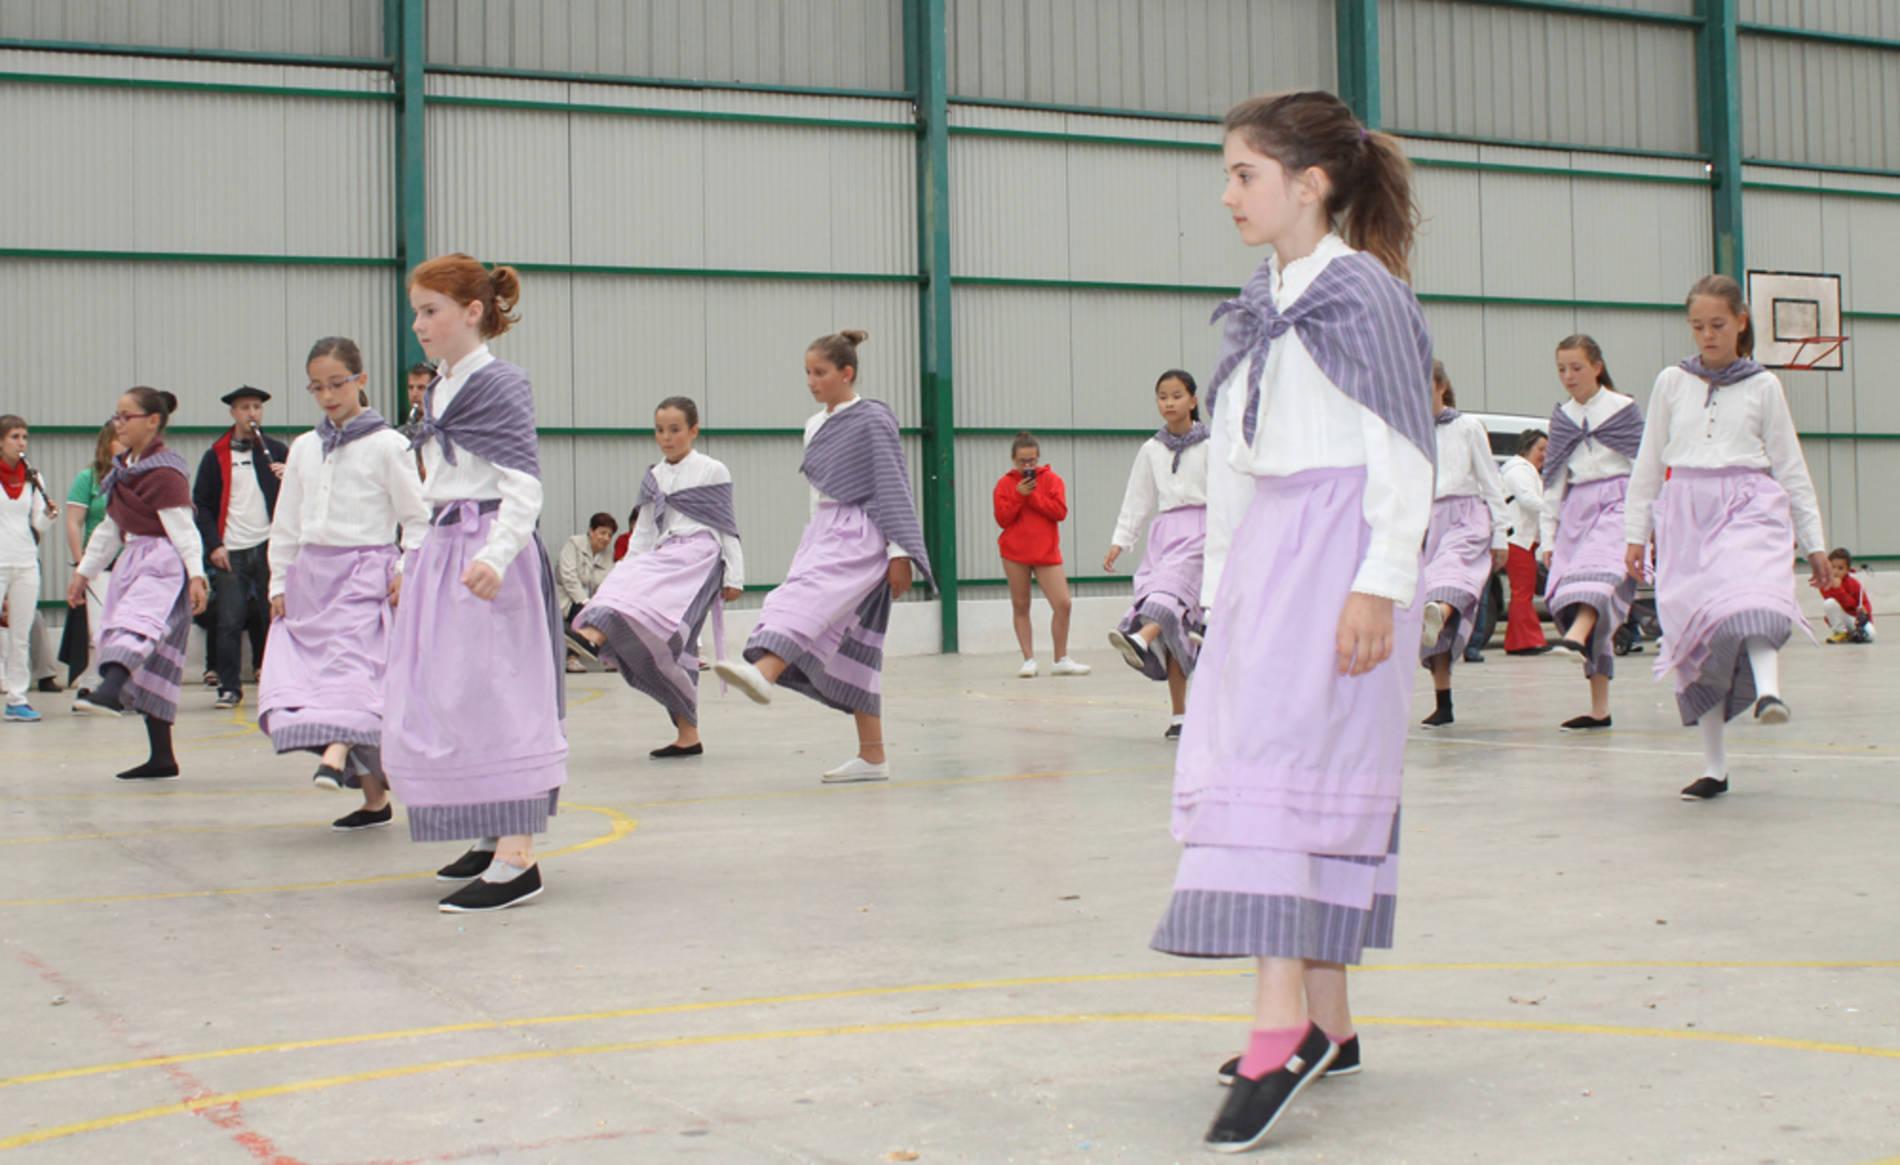 Grupo de danzas Harizti (1/10) - Grupo de danzas Harizti - Vivir en Barañáin -